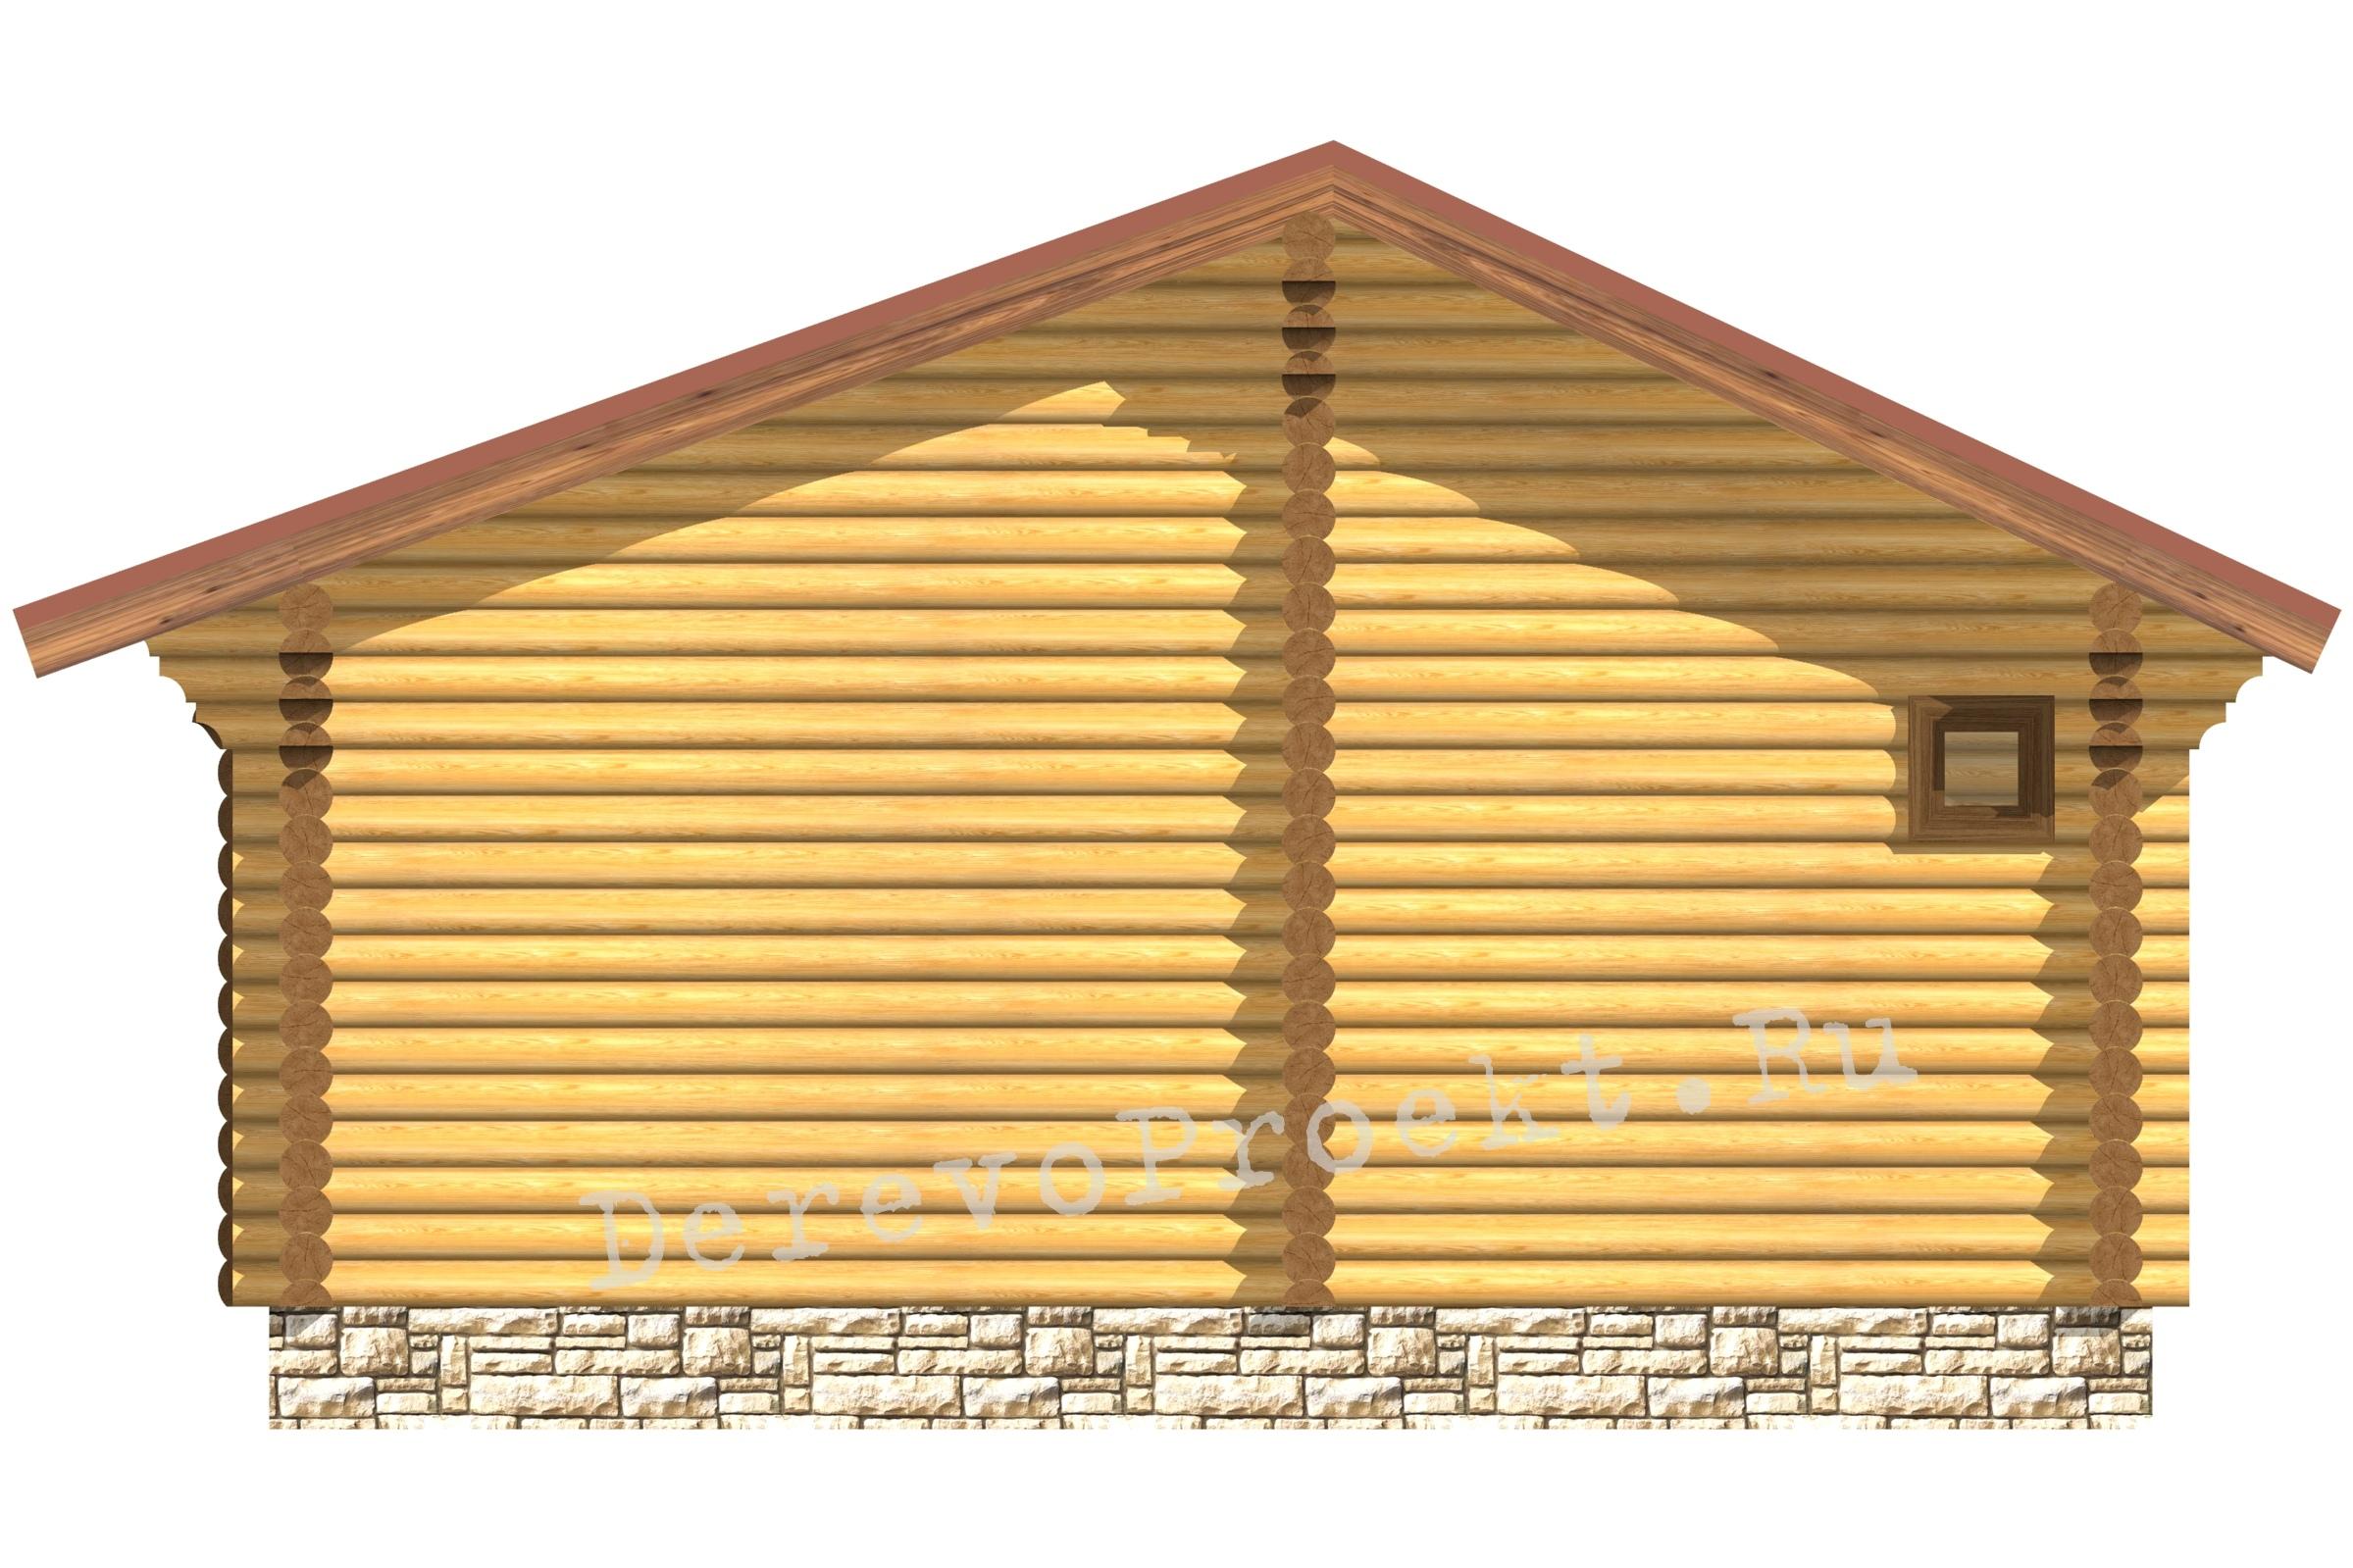 Проект треугольной бани 7.4м х 7.4м ОЦБ 220мм фасад